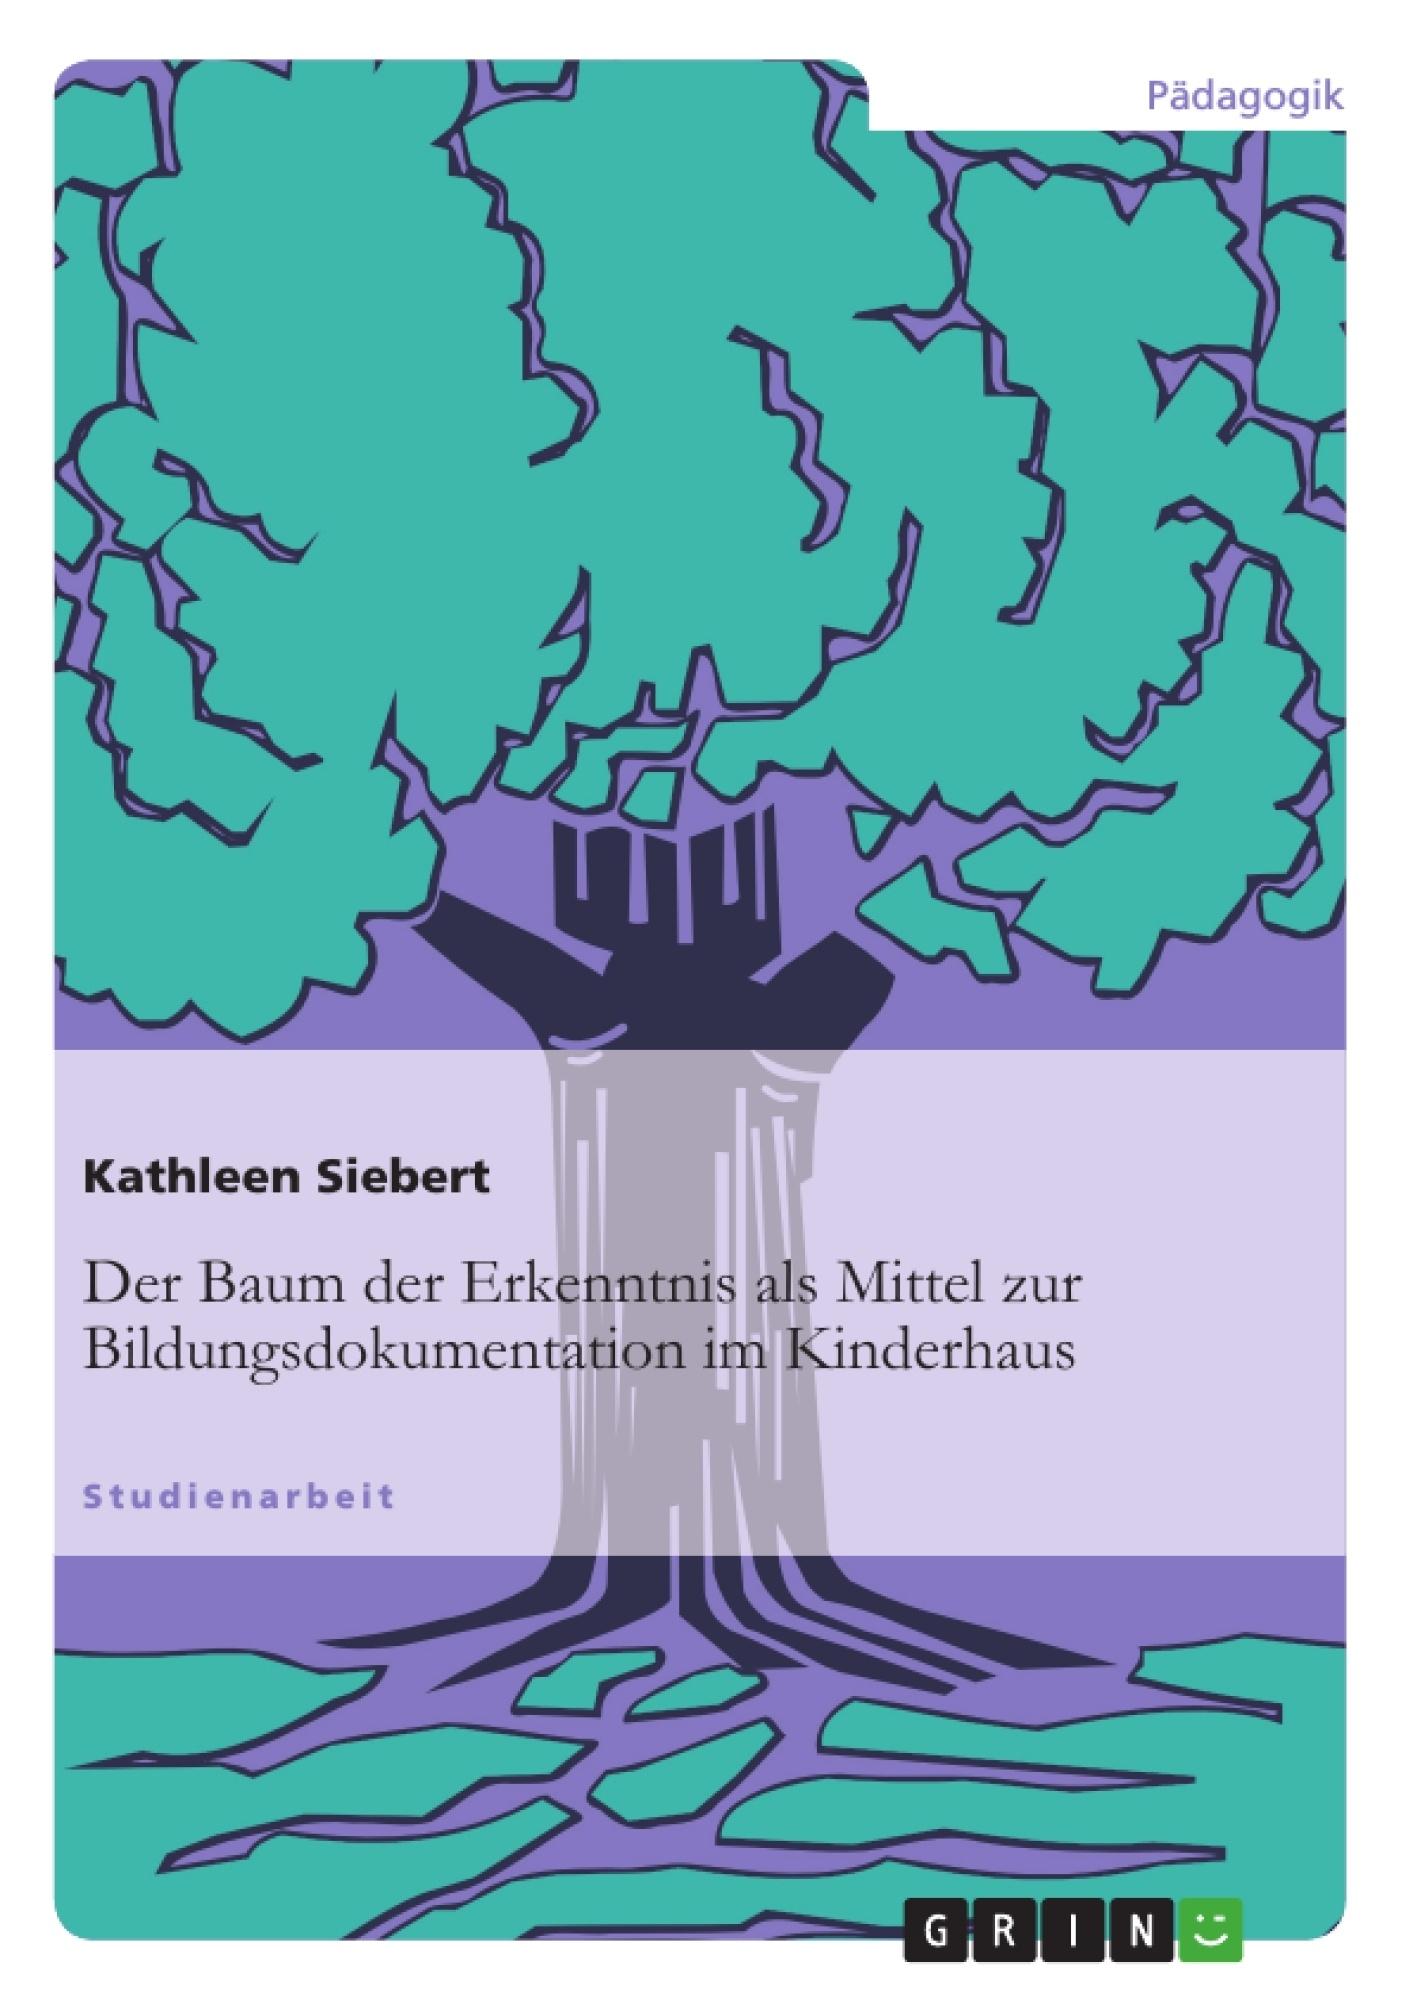 Titel: Der Baum der Erkenntnis als Mittel zur Bildungsdokumentation im Kinderhaus